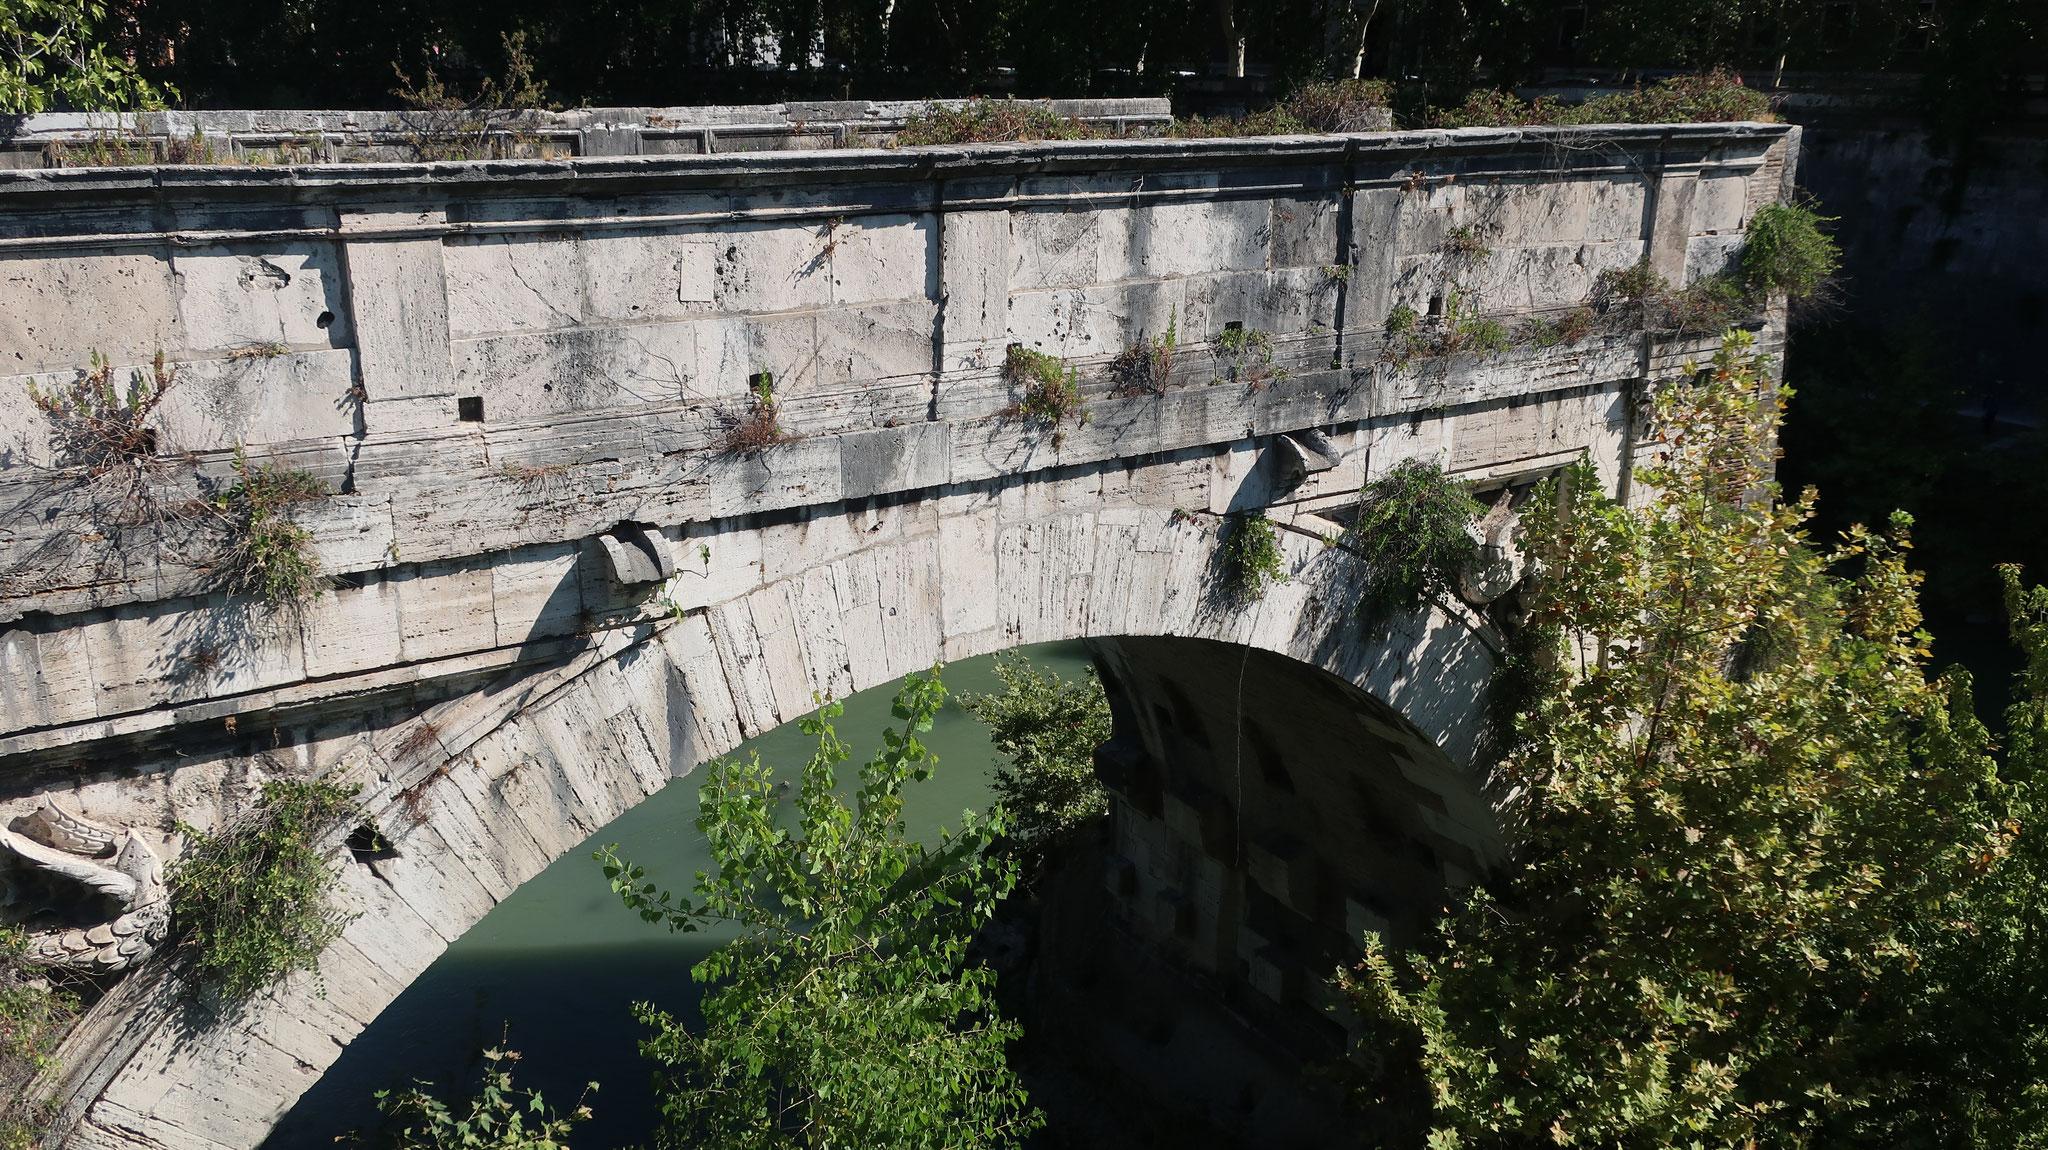 「ロット橋(壊れた橋)」。かつてのアエミリウス橋。古代ローマ時代最古の石造りの橋(紀元前2世紀)。16世紀の洪水で途中から崩落しました。